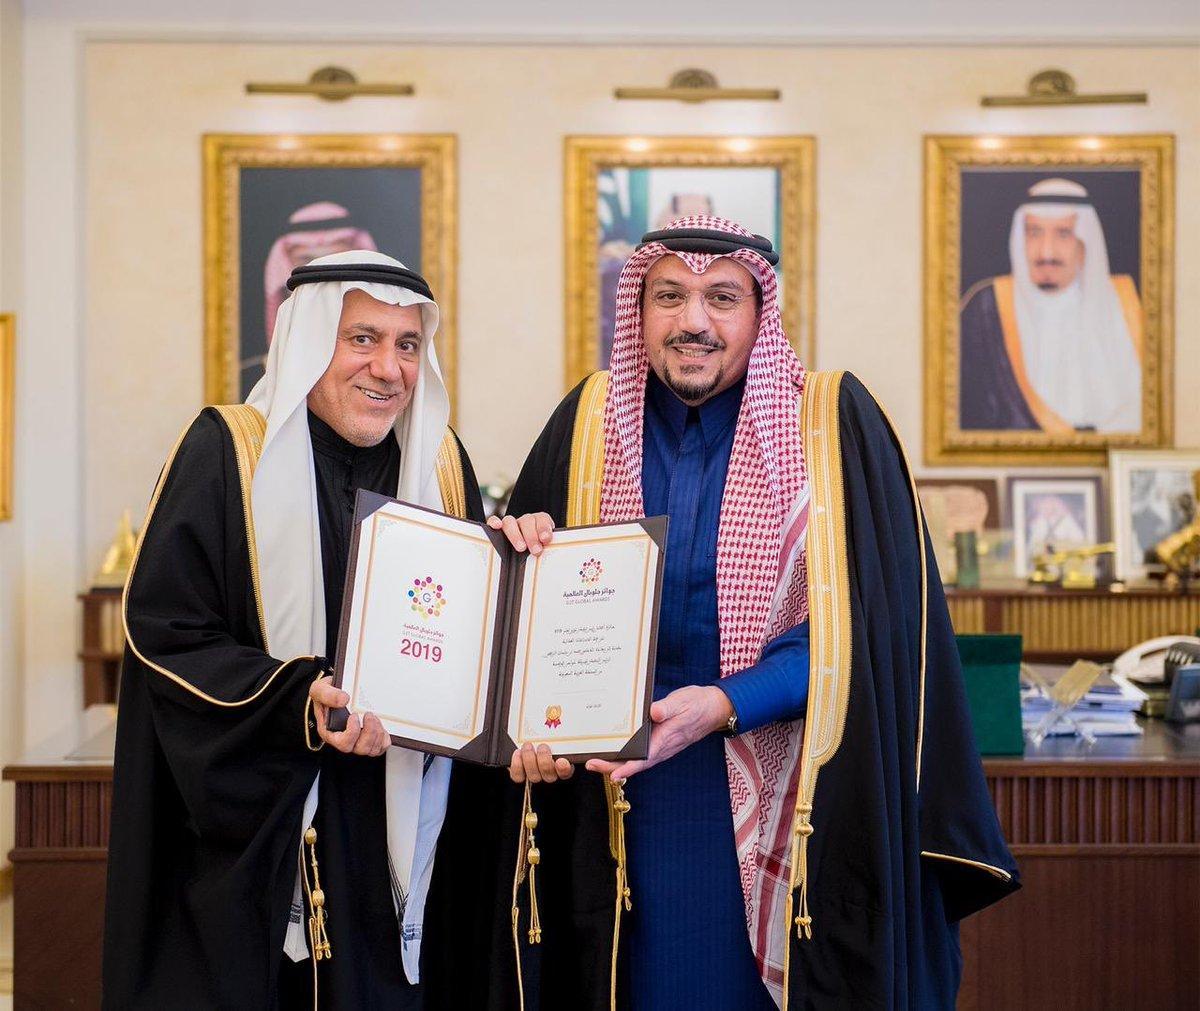 أمير القصيم يثمن حصول الشركة على أفضل شركة عربية عن فئة الصناعات الغذائية لعام 2019م